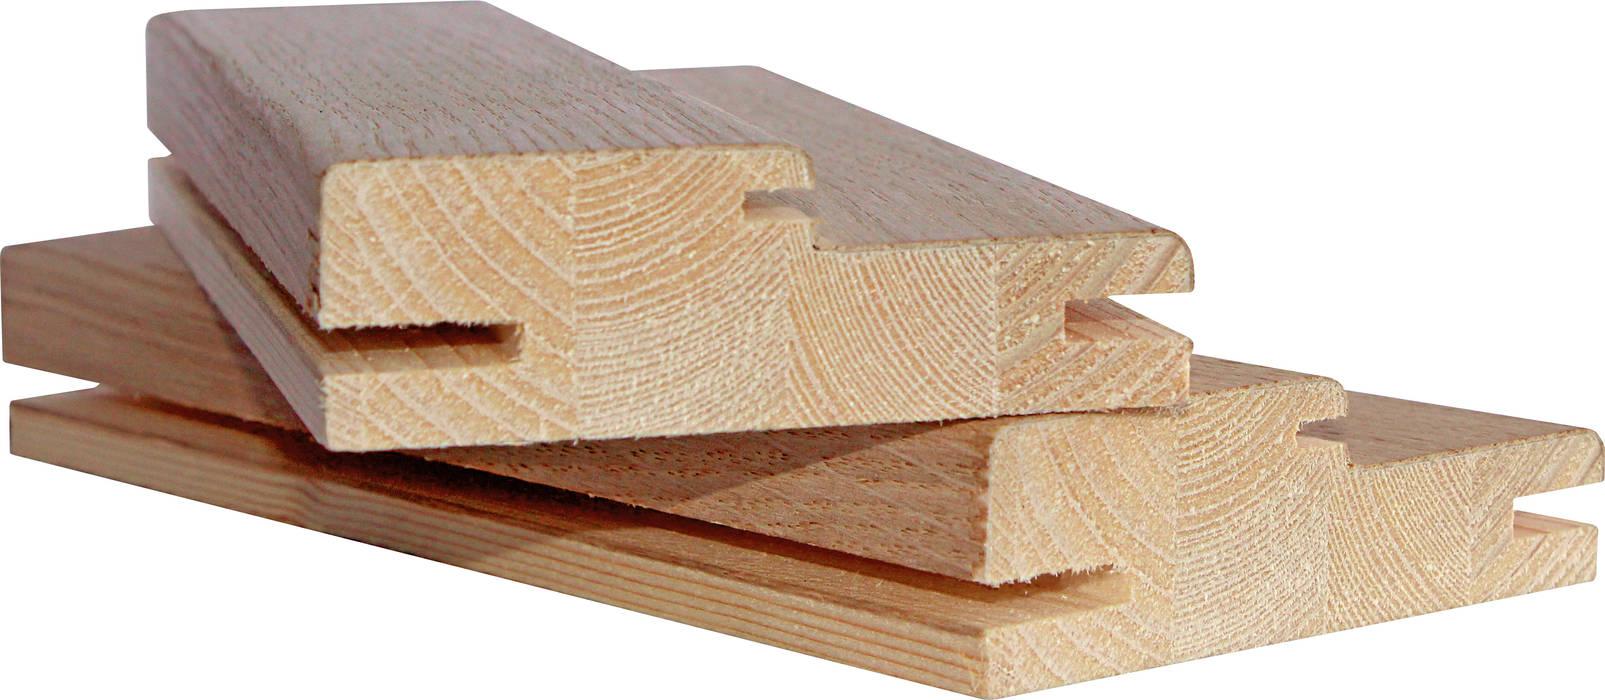 Aros espessura 25 lamelados de madeira, folheados/recobertos por Grupo Corpe® Moderno Madeira Acabamento em madeira